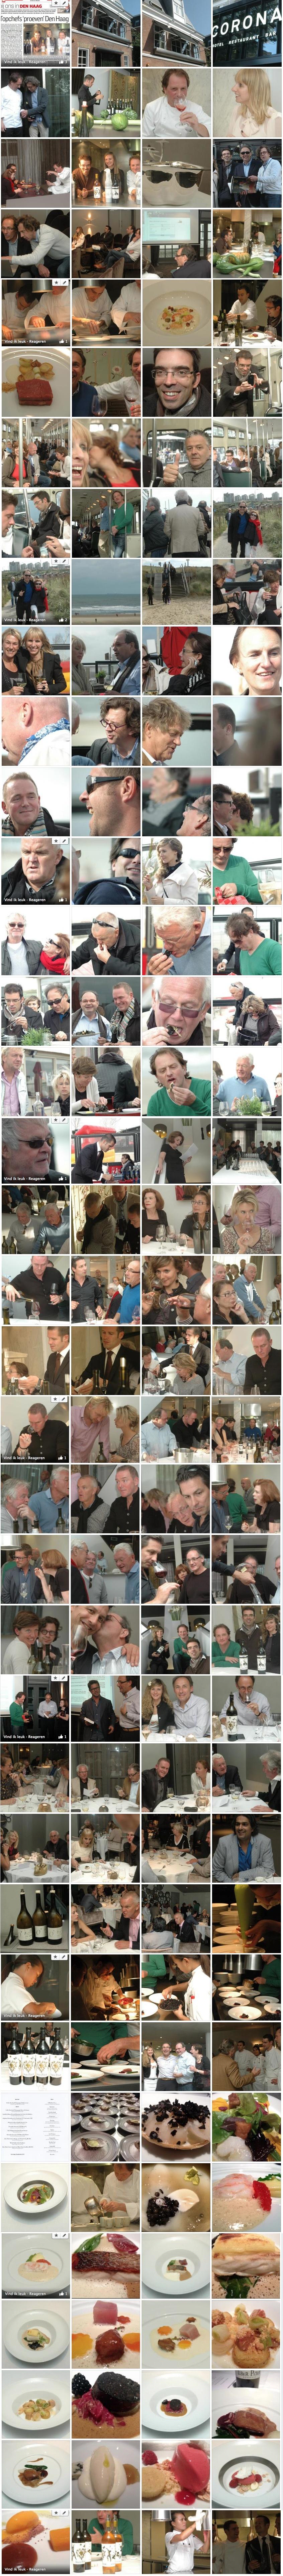 Topchefs proeven Den Haag & Liber Pater